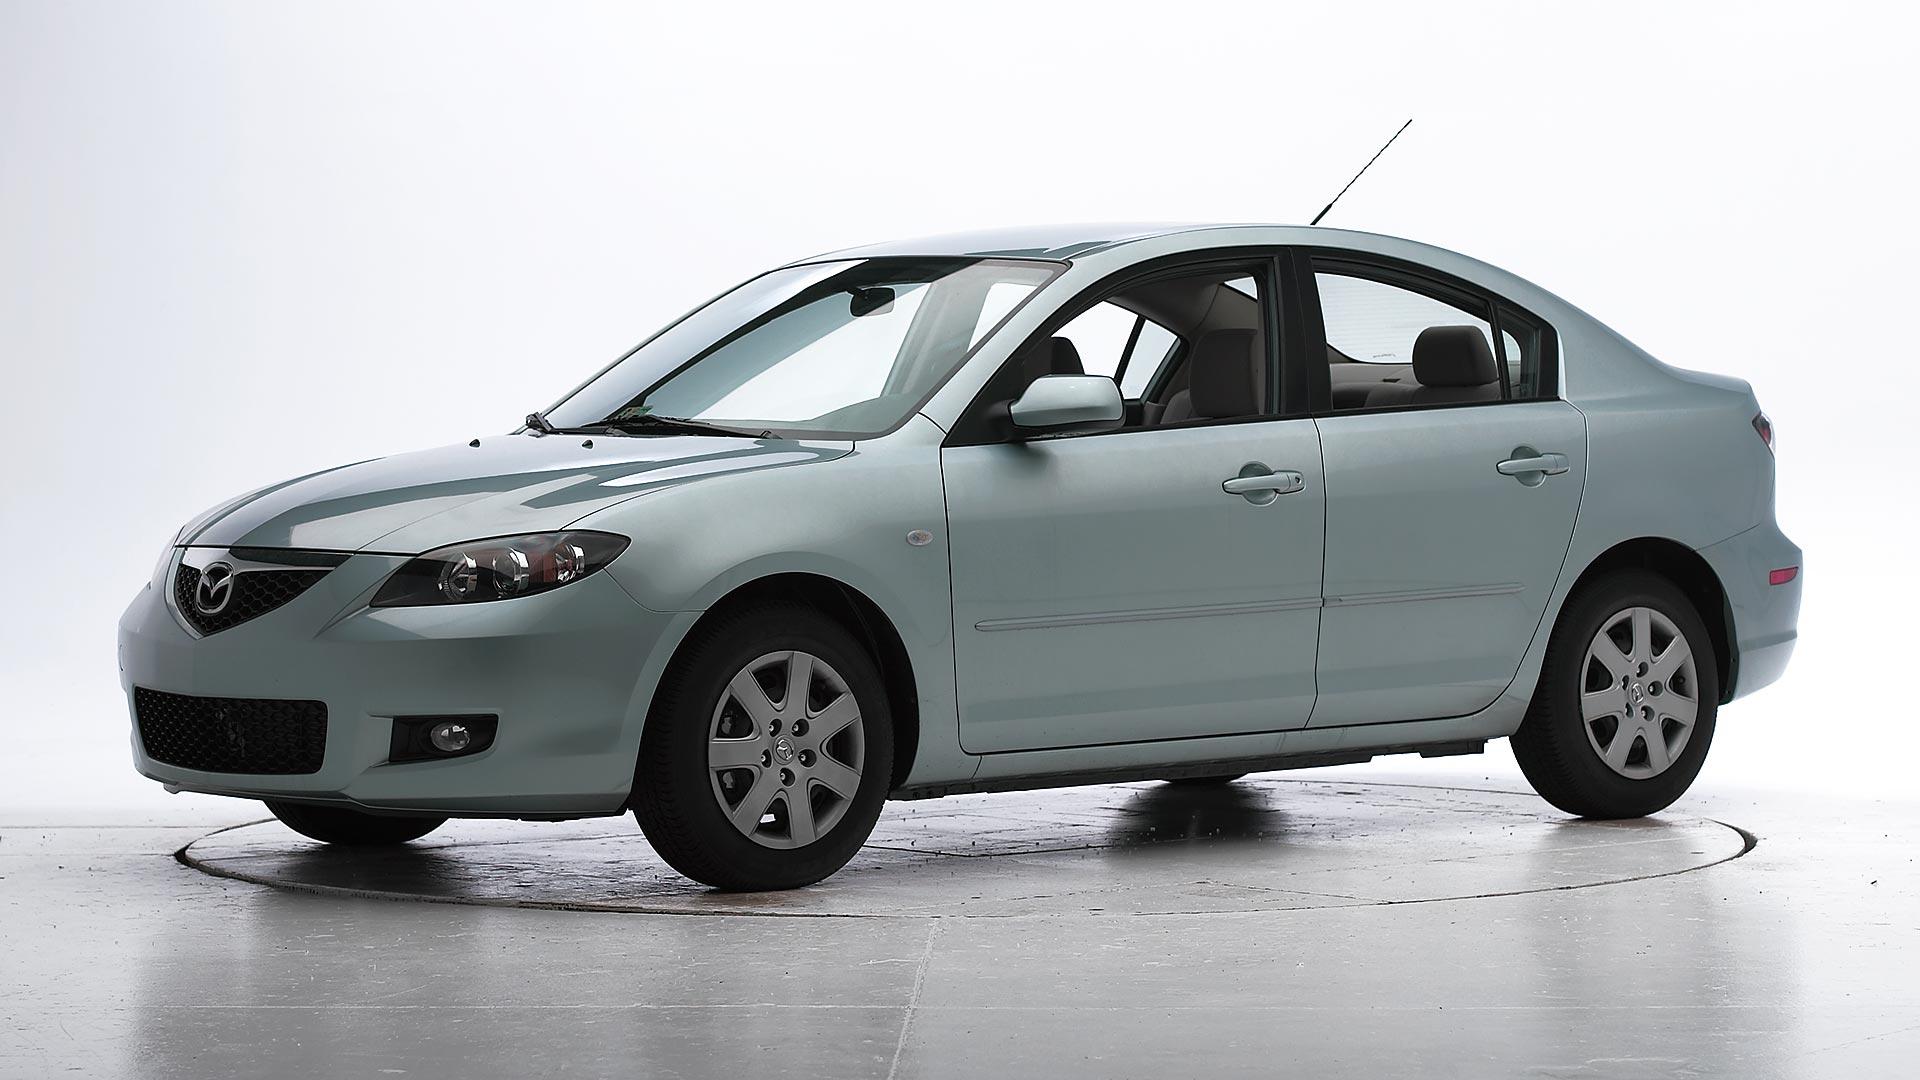 Kekurangan Mazda 3 2009 Top Model Tahun Ini